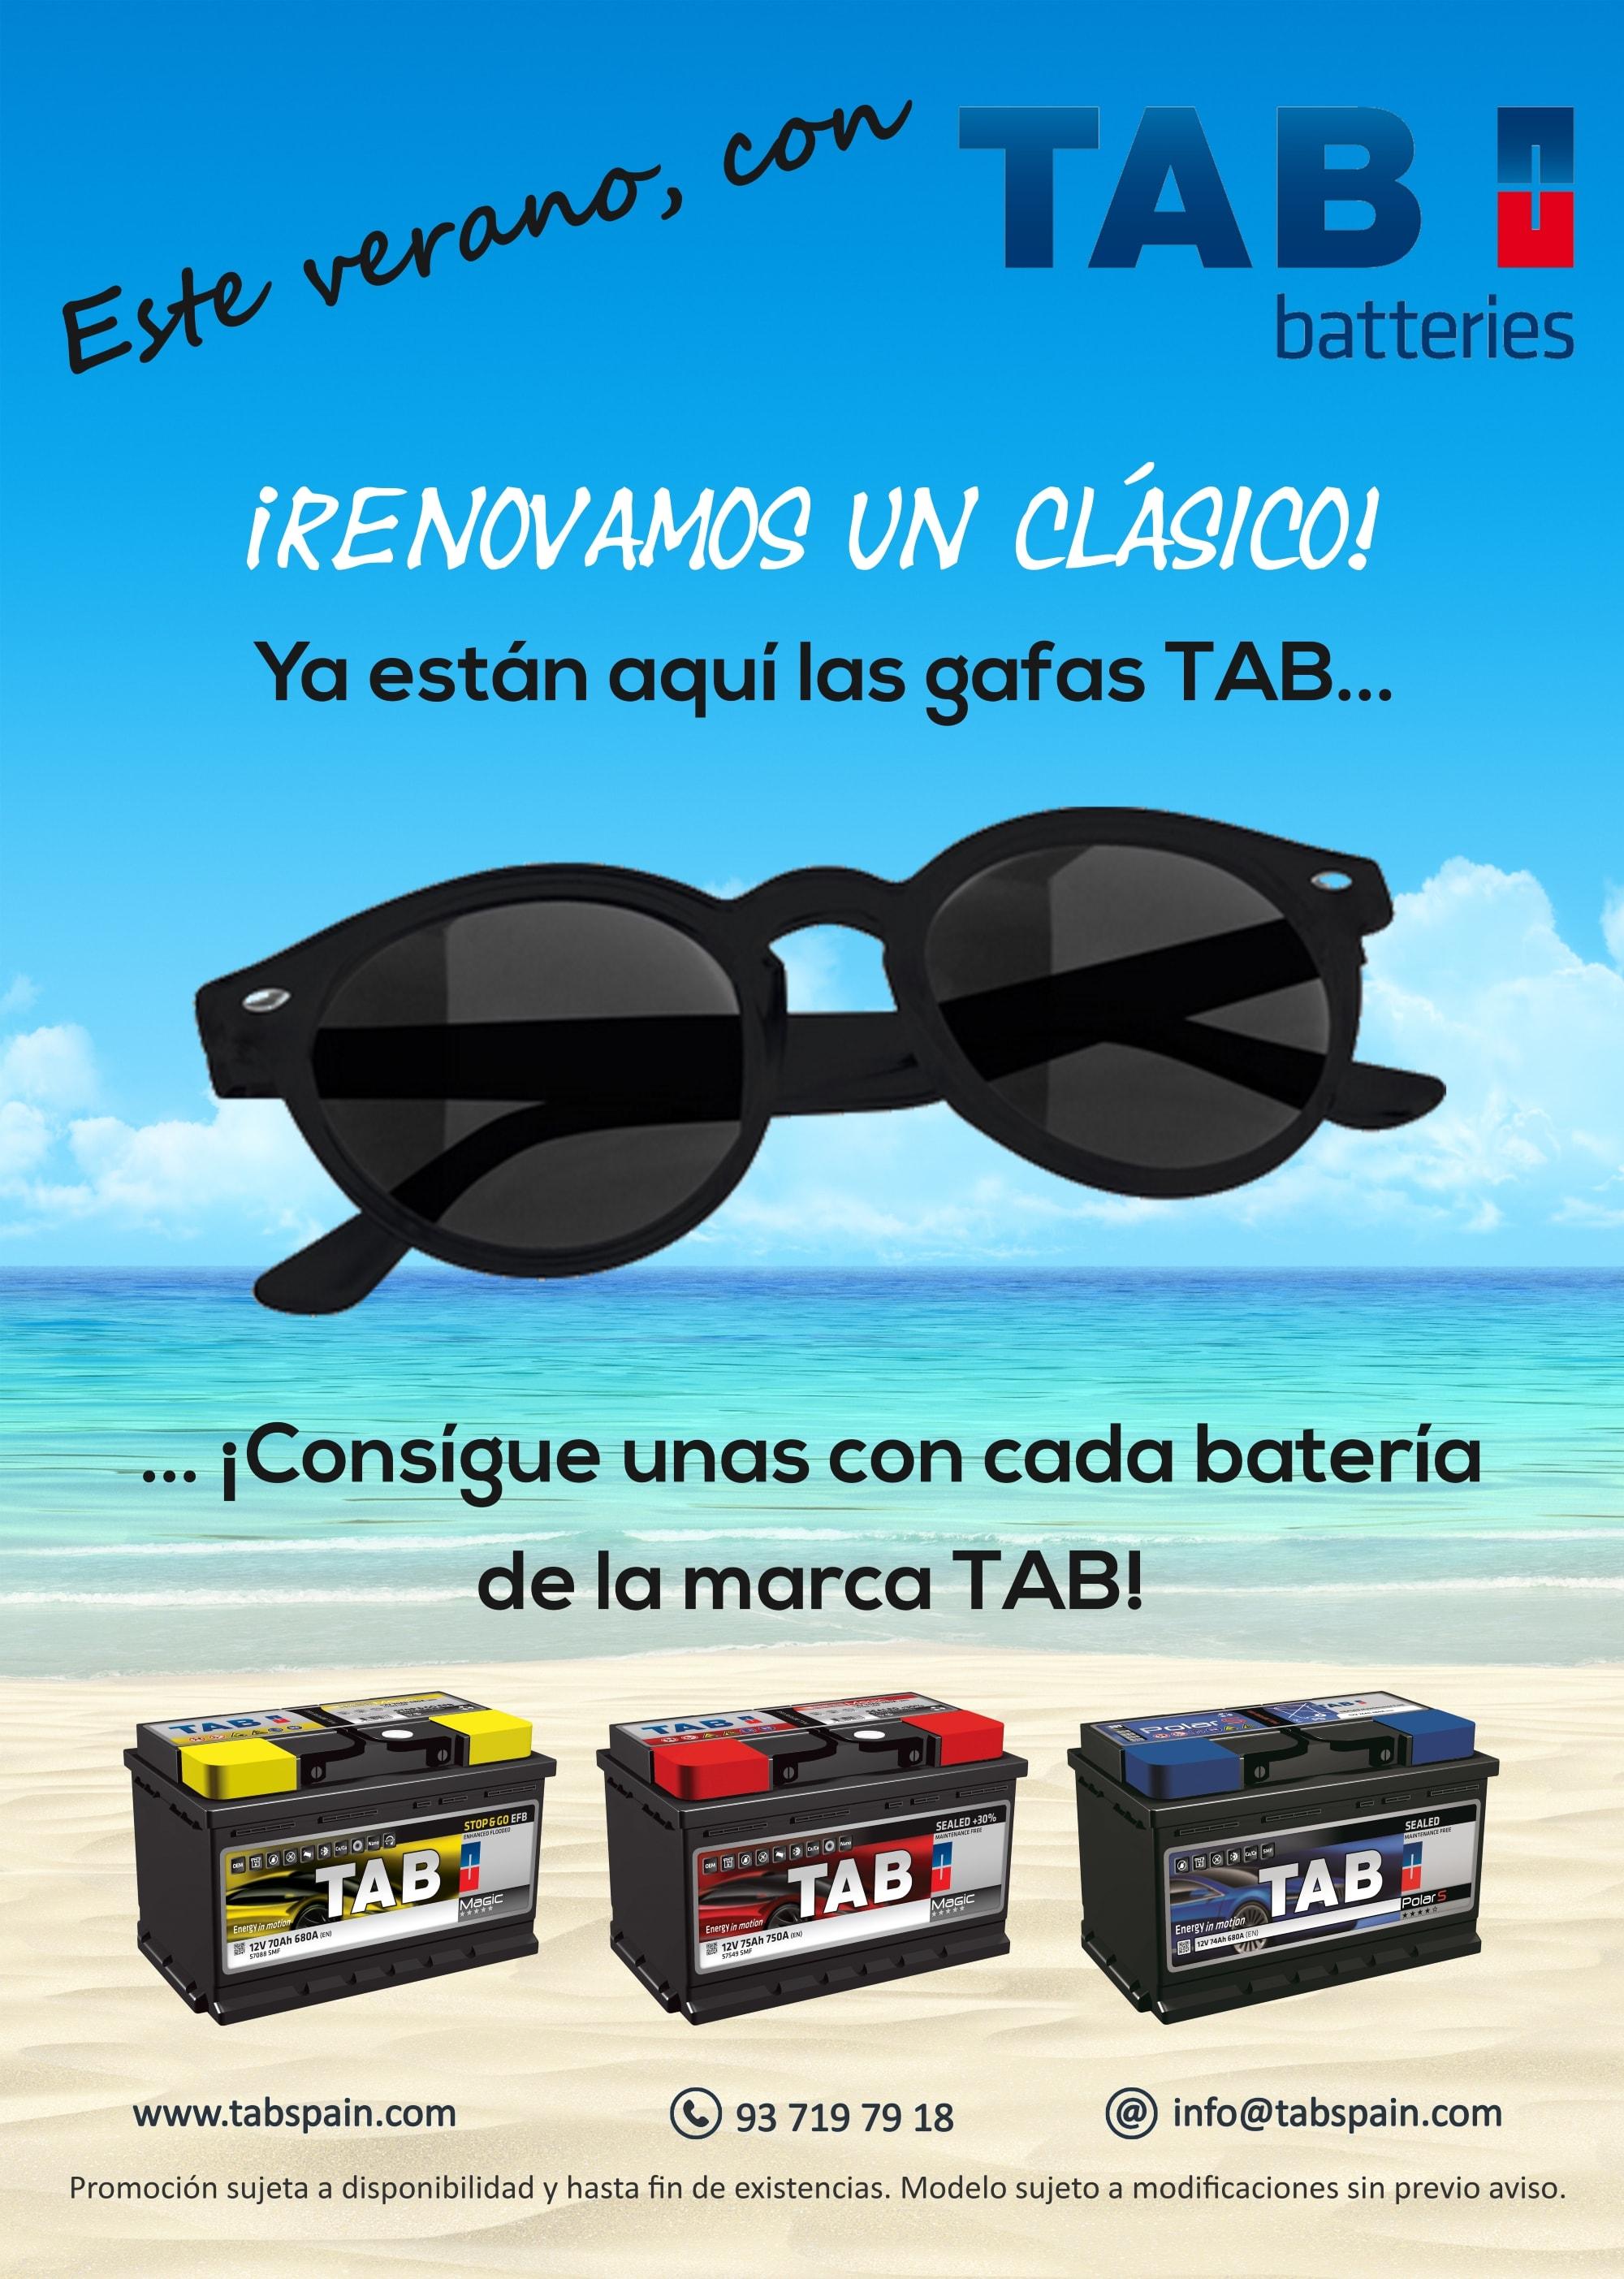 859ae37628 La compañía obsequiará a sus clientes con unas gafas de sol por la  adquisición de una batería TAB